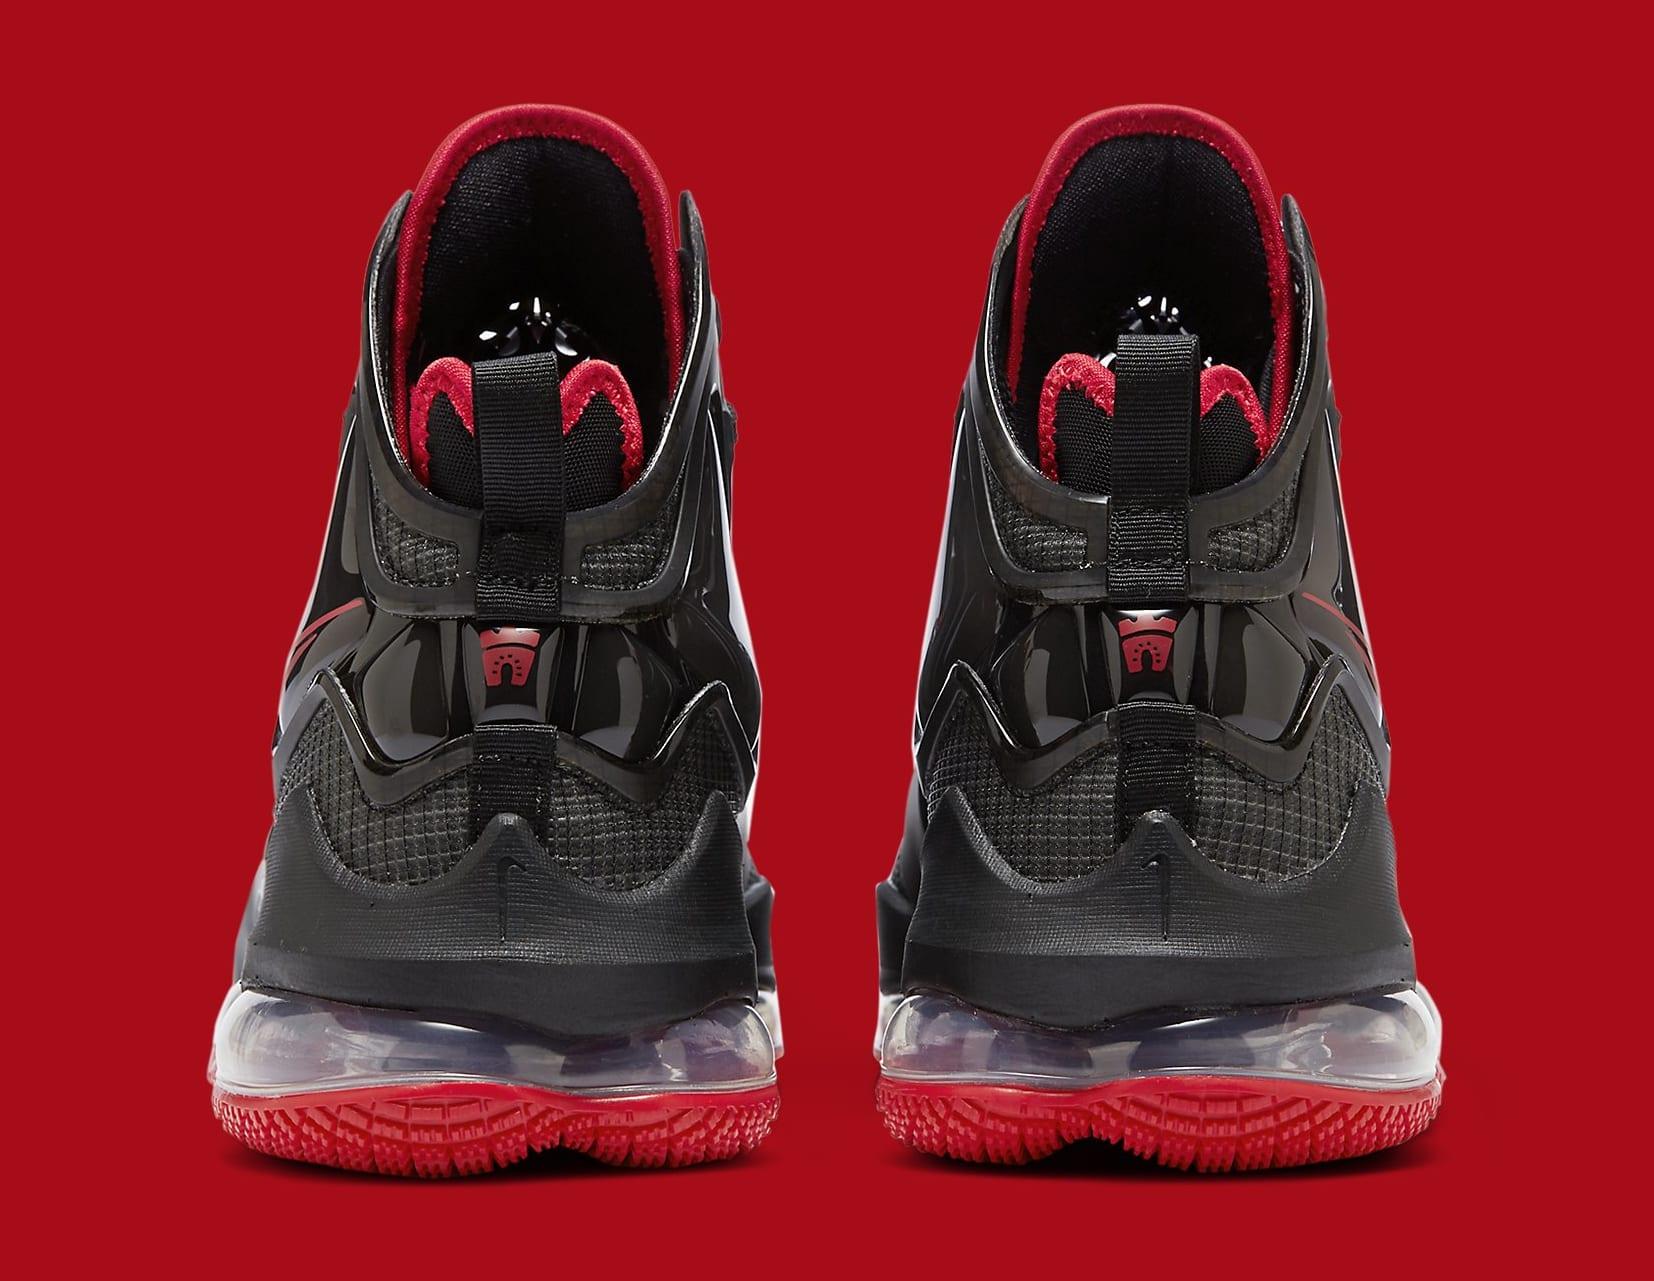 Nike LeBron 19 'Black/Red' DC9340-001 Heel